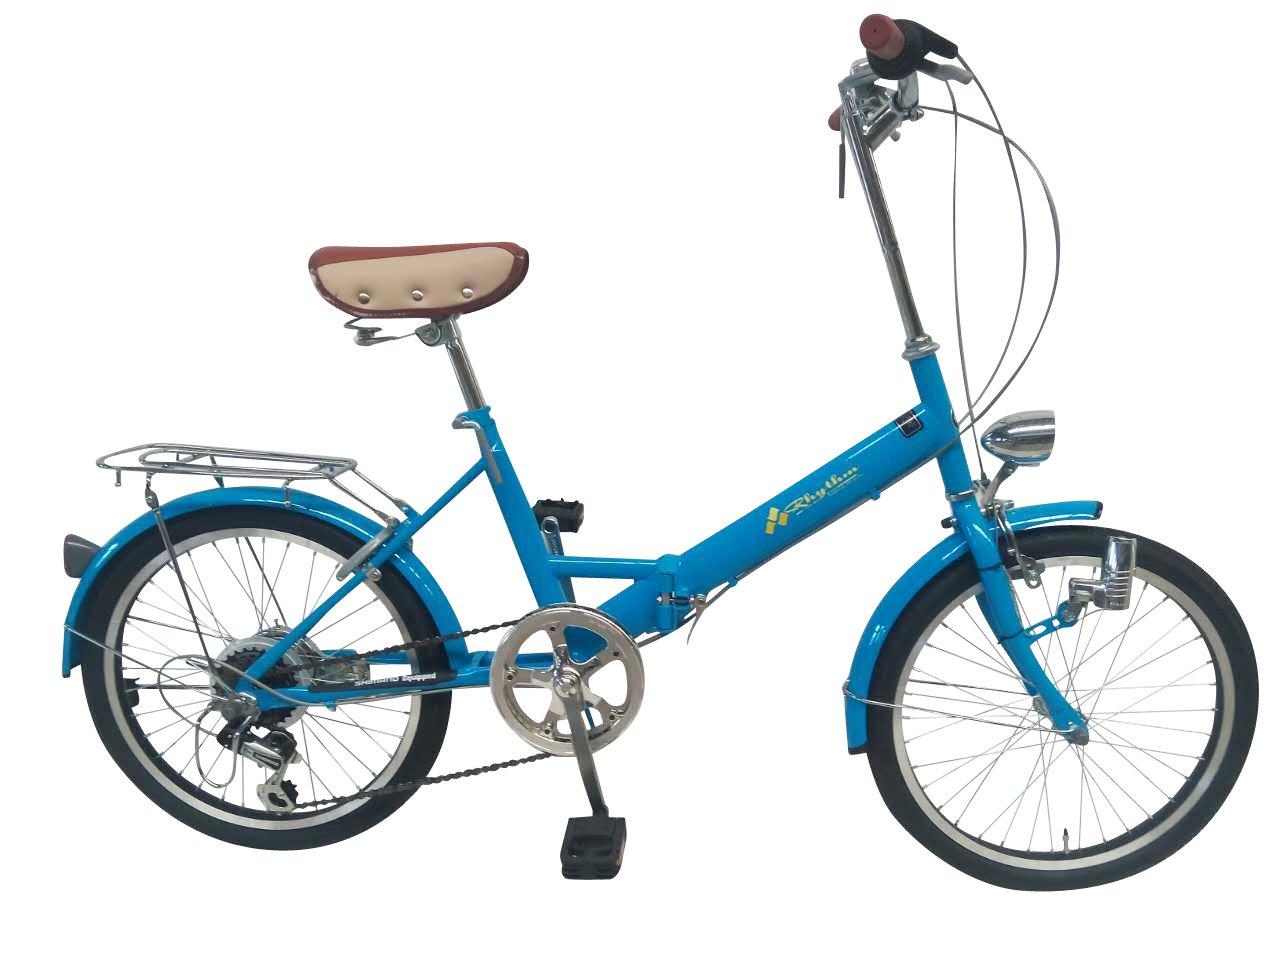 リズム(RHYTHM) 20インチ 折りたたみ自転車 シマノ6段変速 RH206CPBD-MRB マリンブルー 34096.0 B01N5539GB